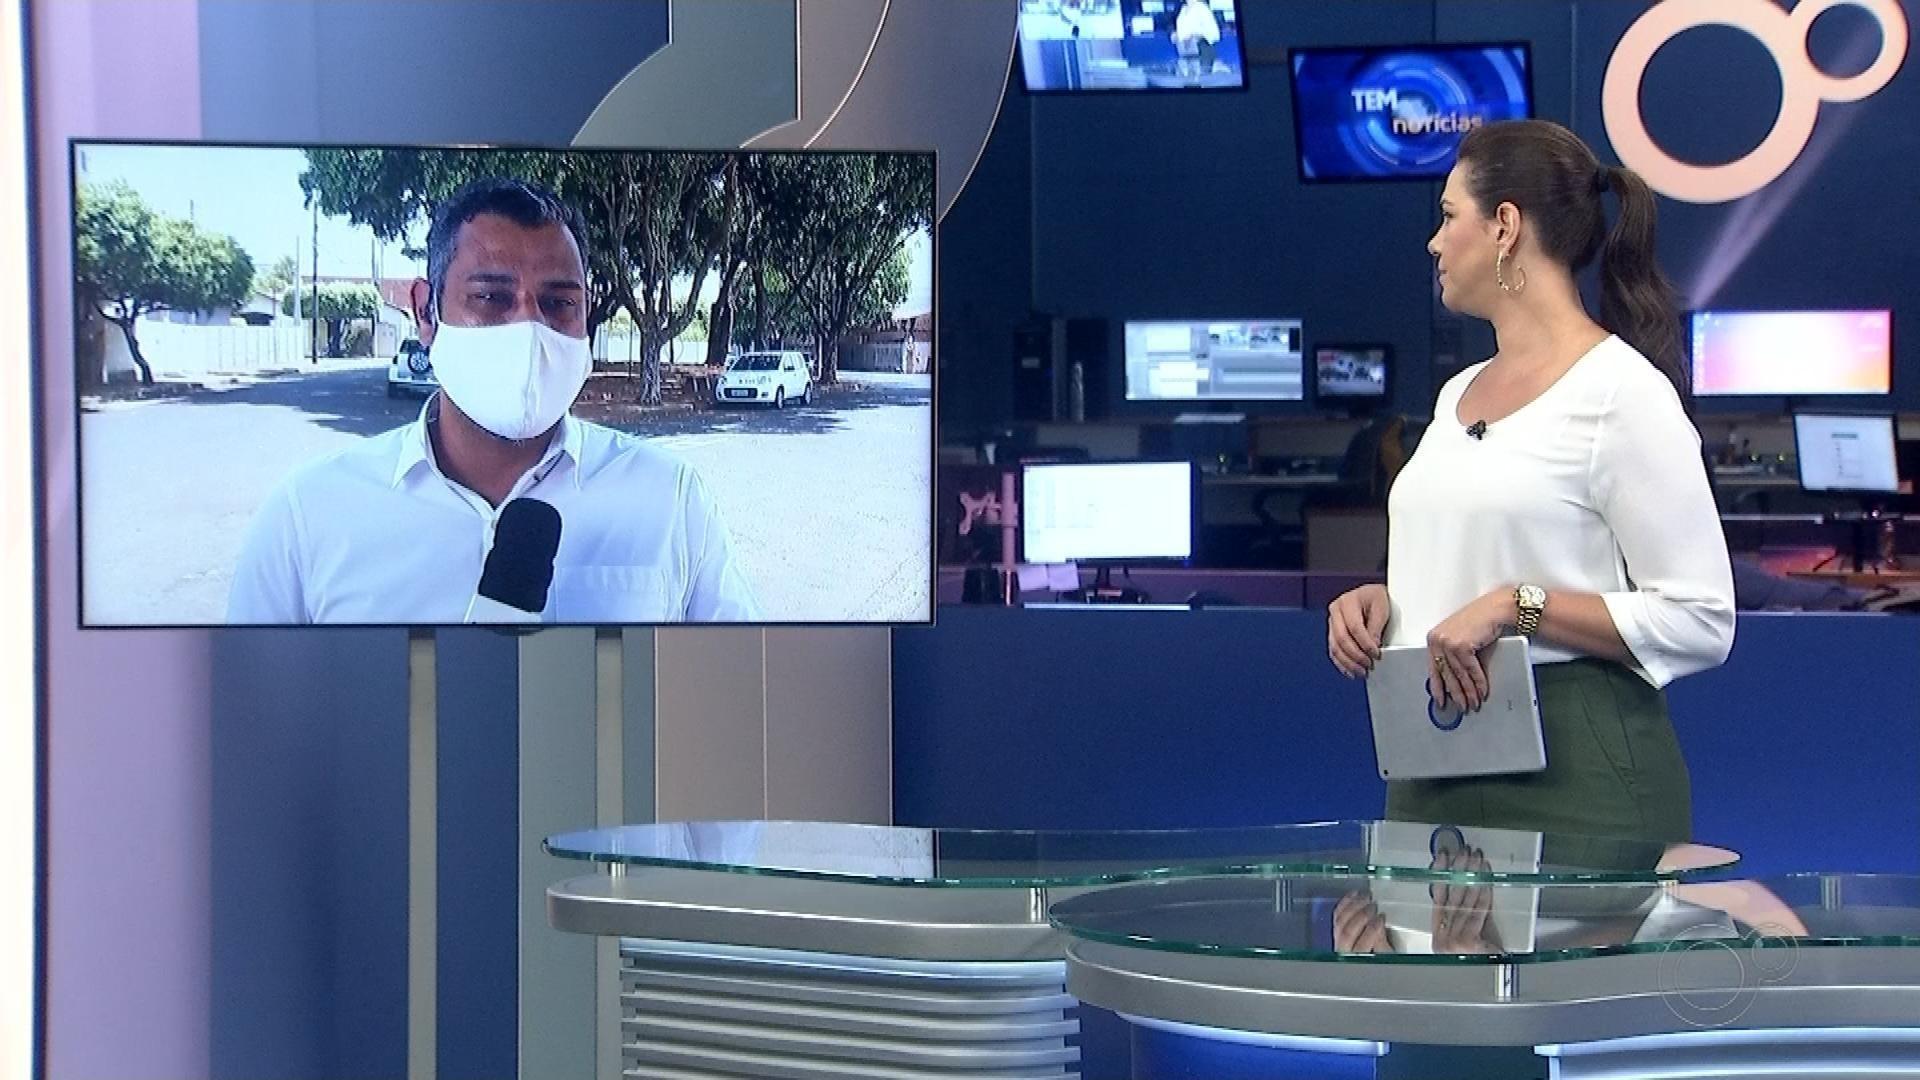 VÍDEOS: TEM Notícias 1ª edição de Rio Preto e Araçatuba desta quarta-feira, 30 de setembro